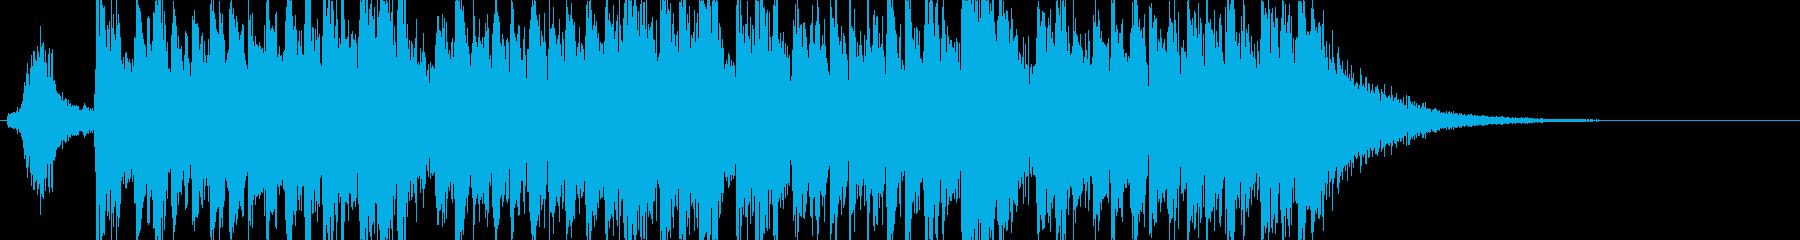 和風・和太鼓・三味線・ジングル・楽しいの再生済みの波形